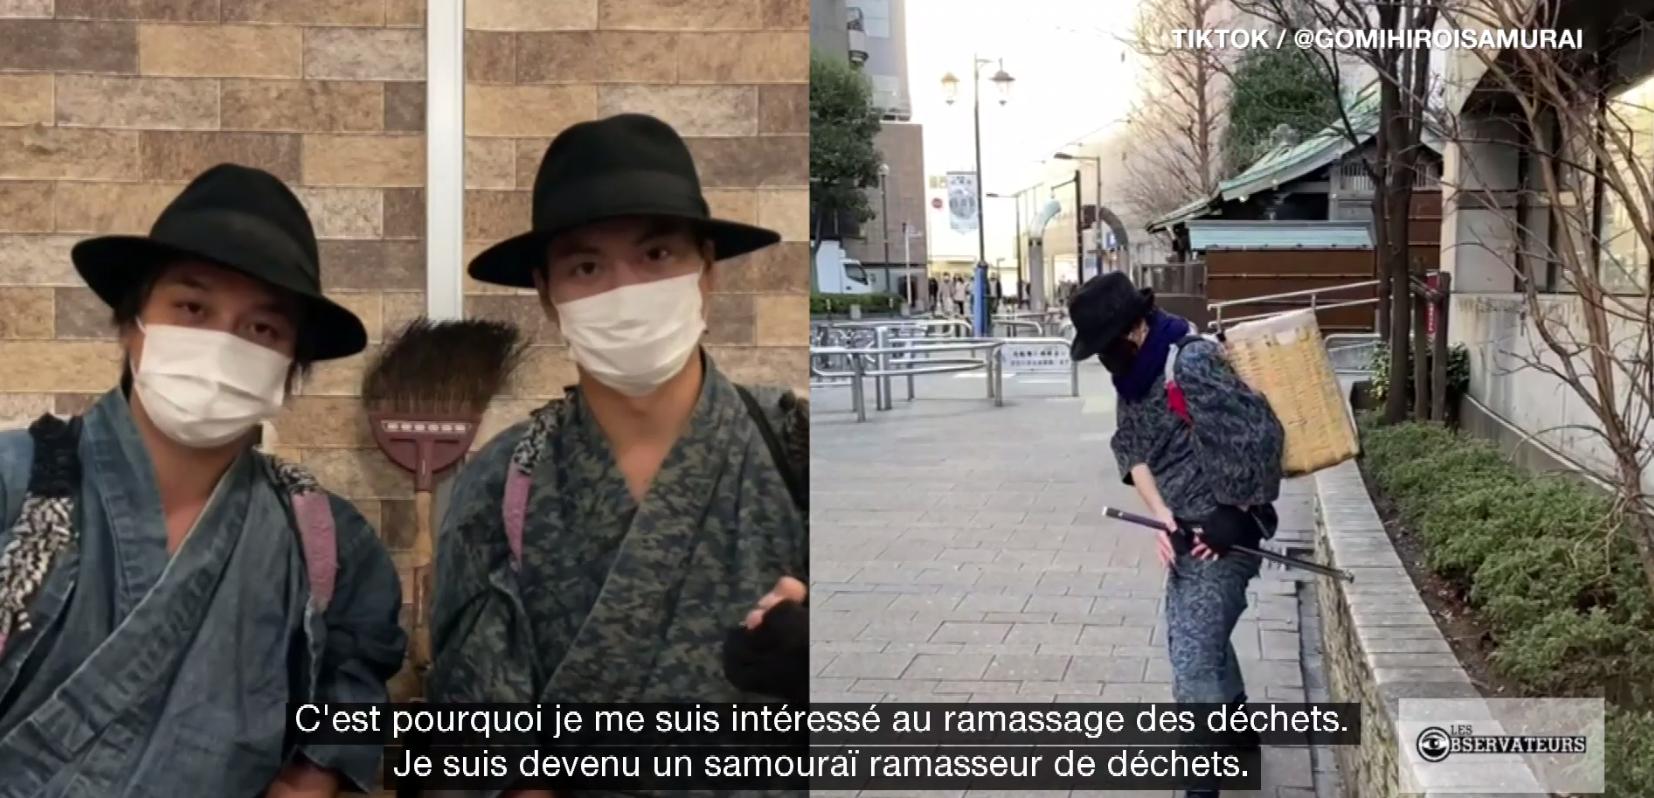 """Les """"Samouraïs ramasseurs d'ordure"""" collectent les déchets dans les rues de Tokyo en faisant des performances de Samouraïs. © Instagram / isseichidai_jidaigumi"""